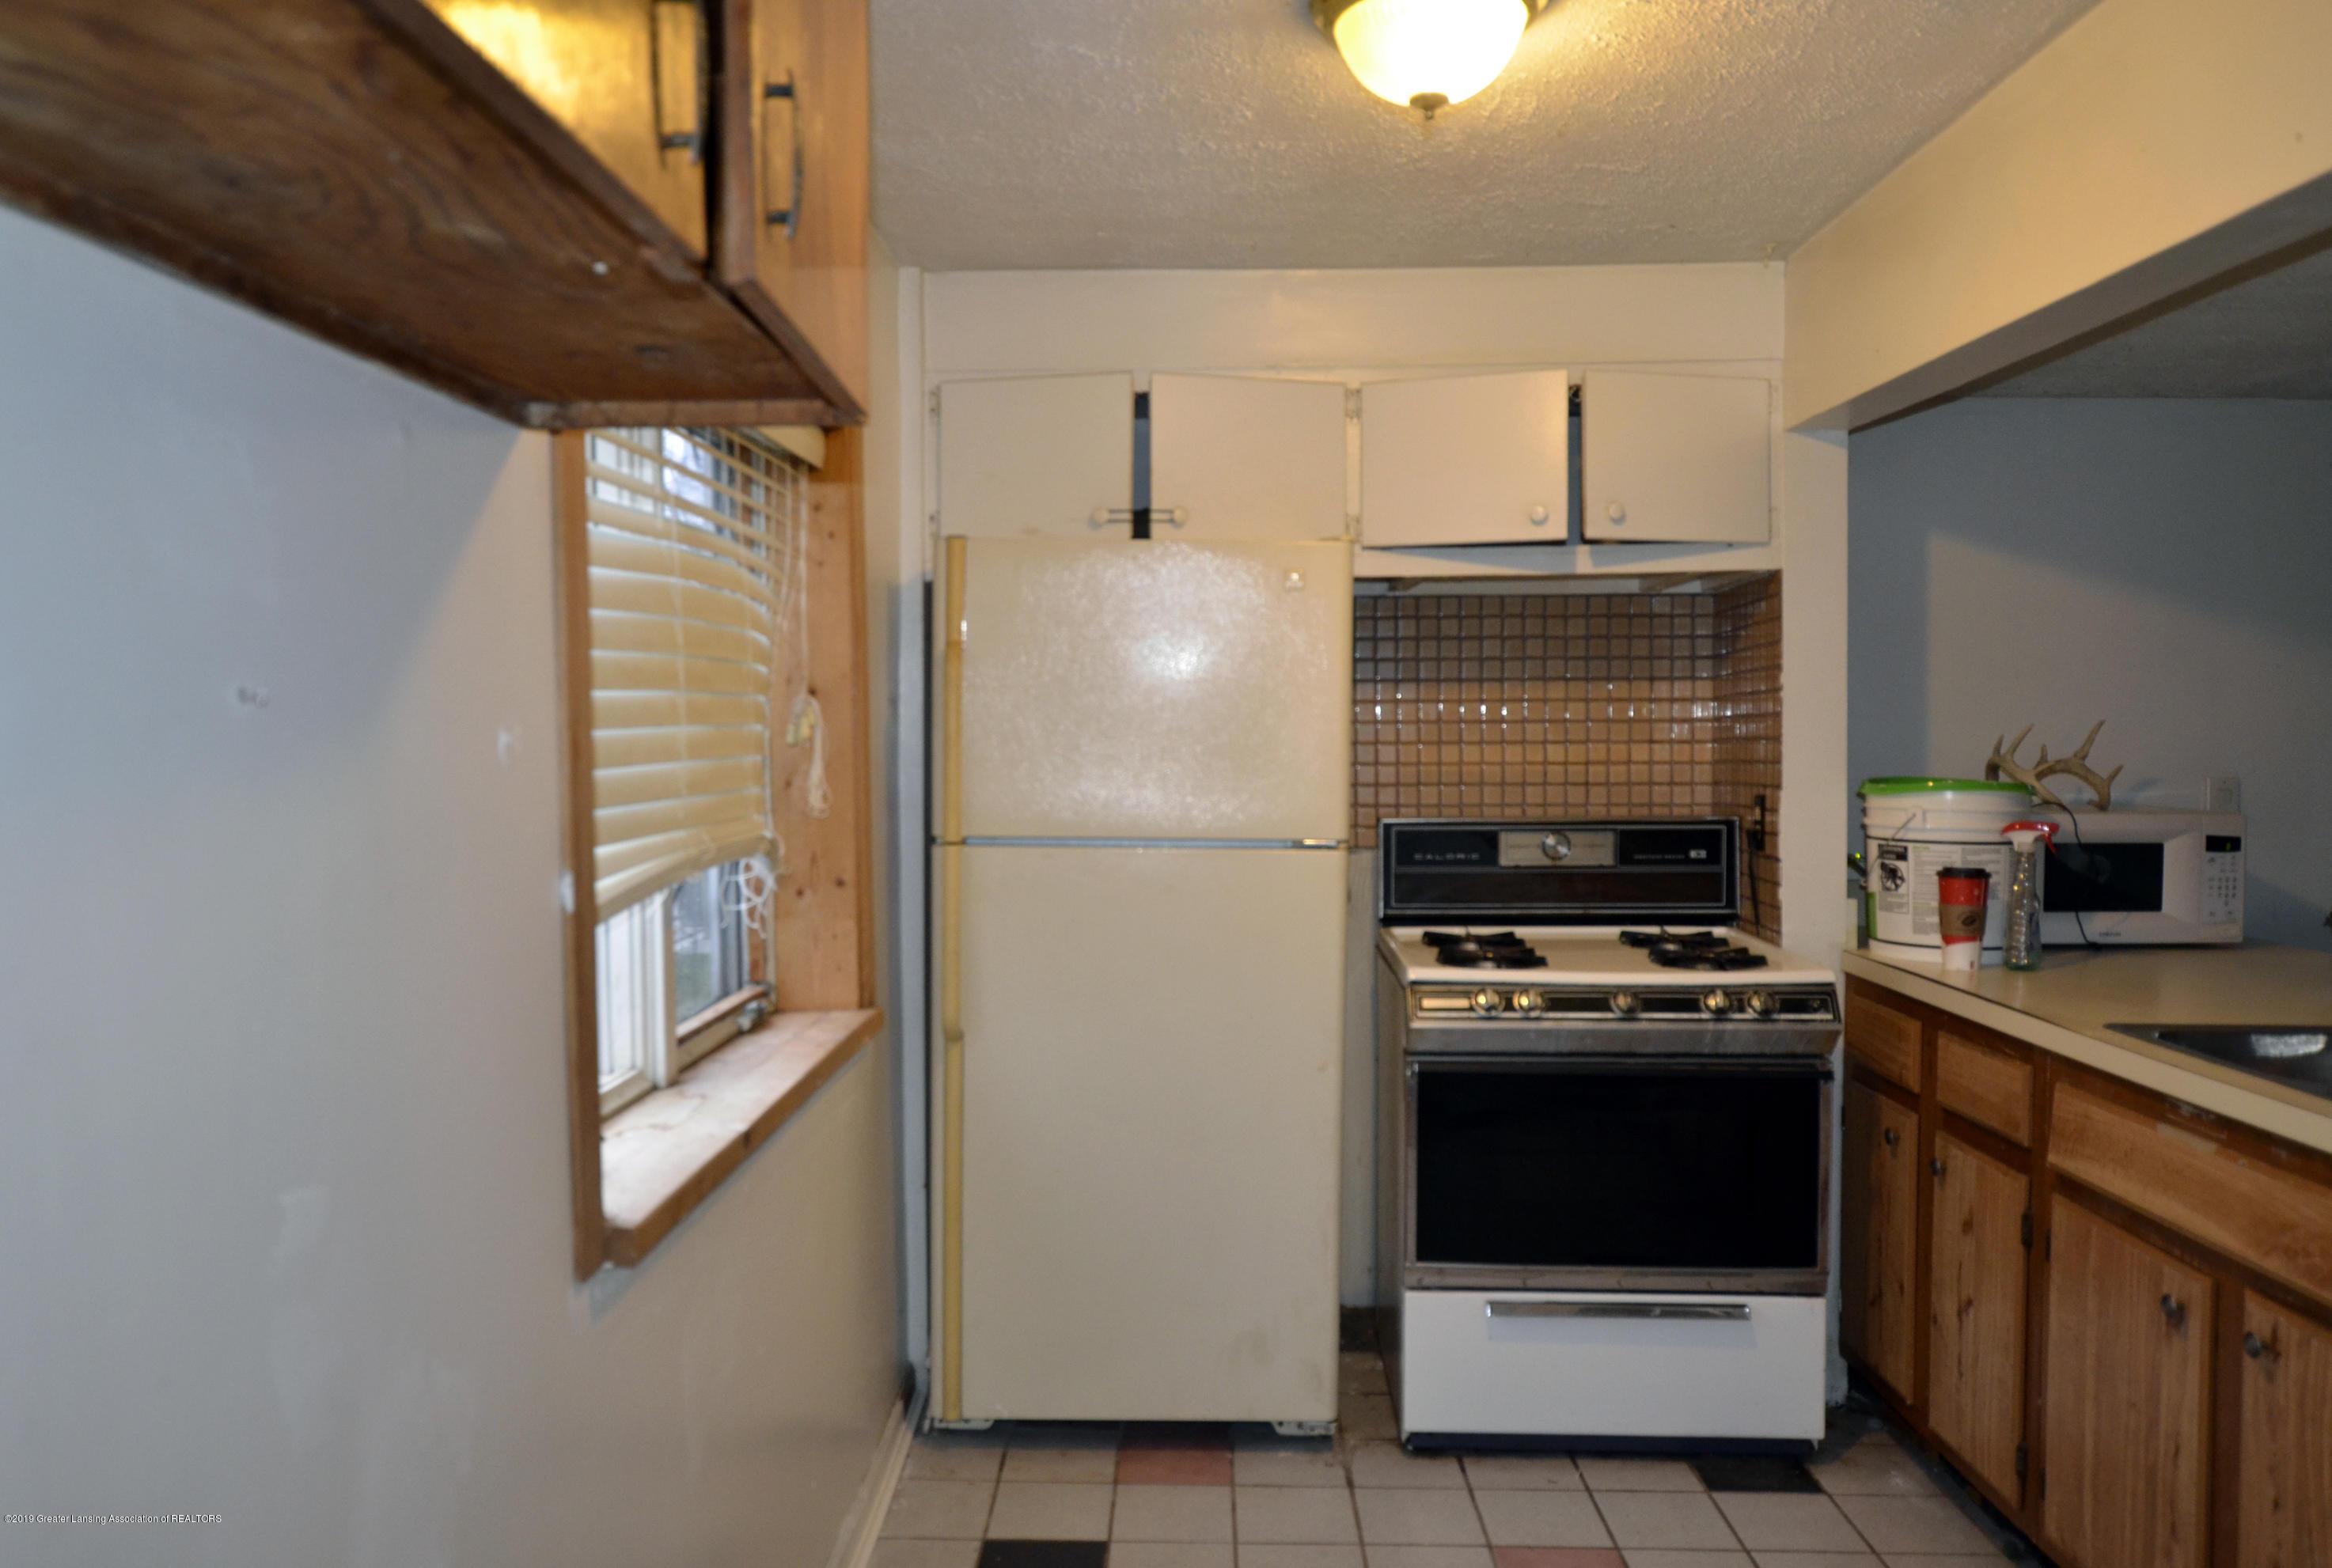 15871 Short St - 15871 Short St kitchen - 9